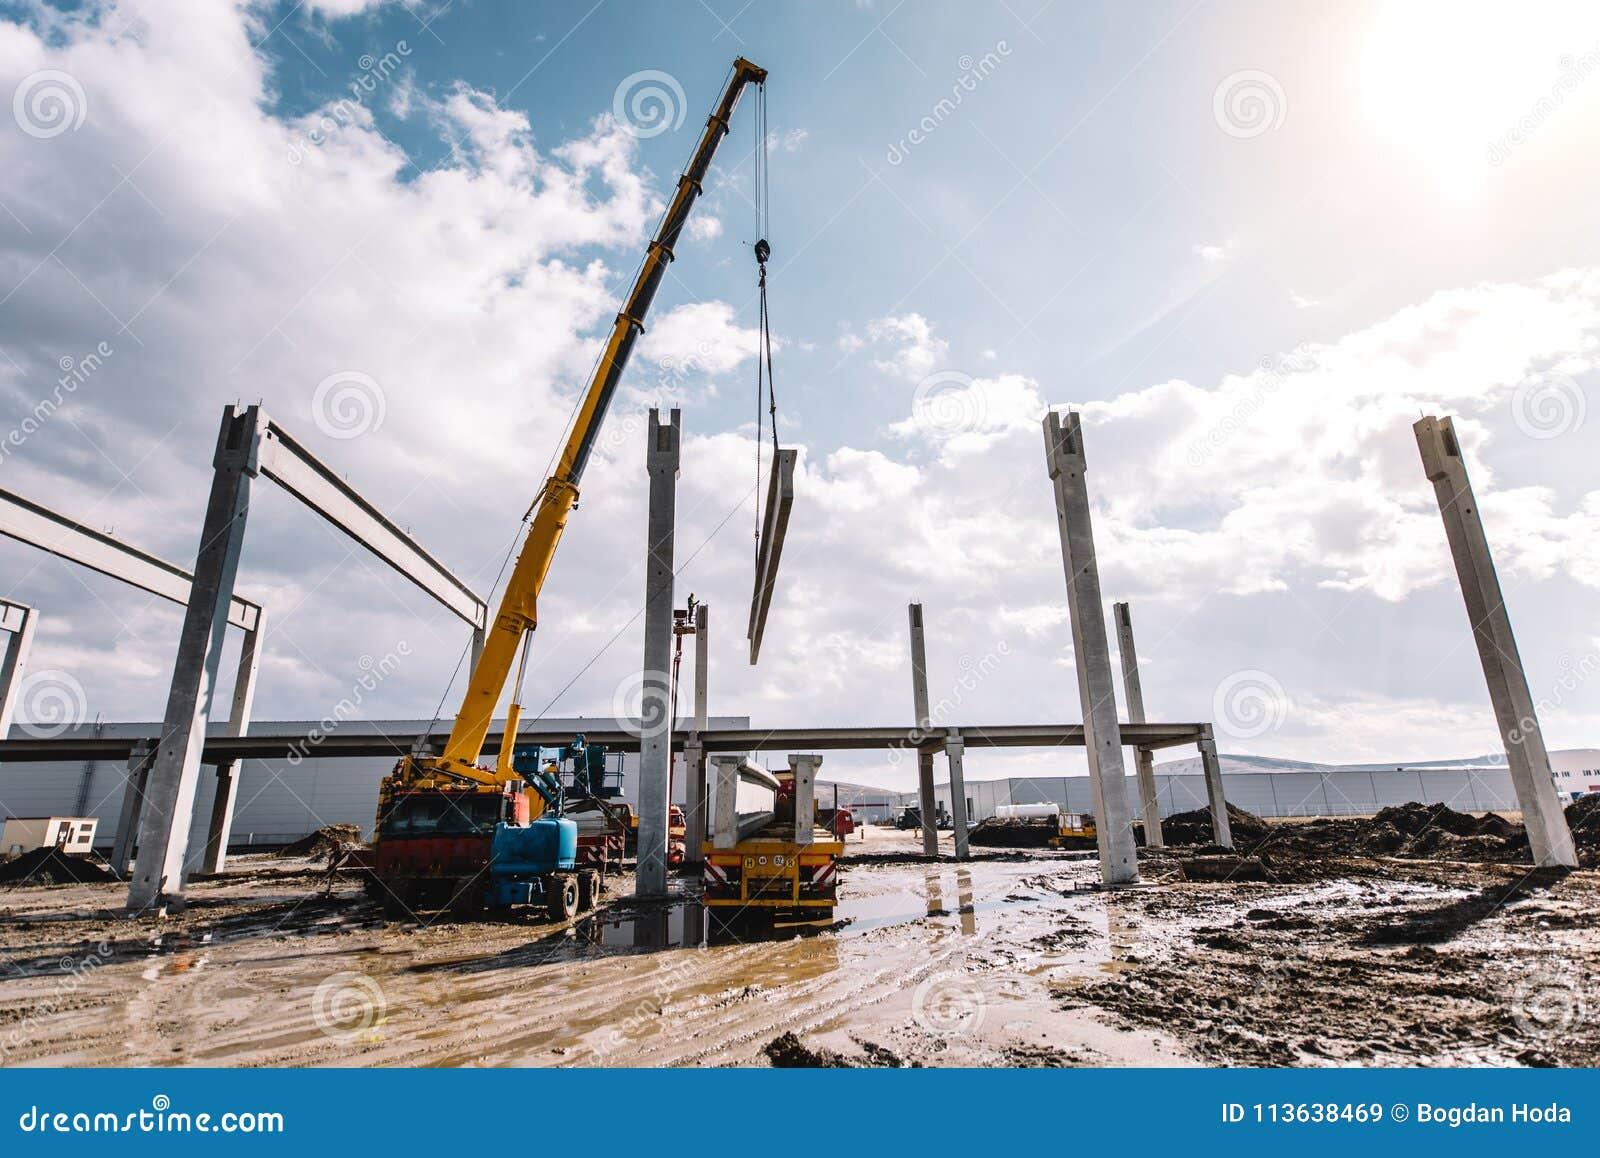 Il processo dello scarico del carico facendo uso della gru, cemento industriale ha fuso la p